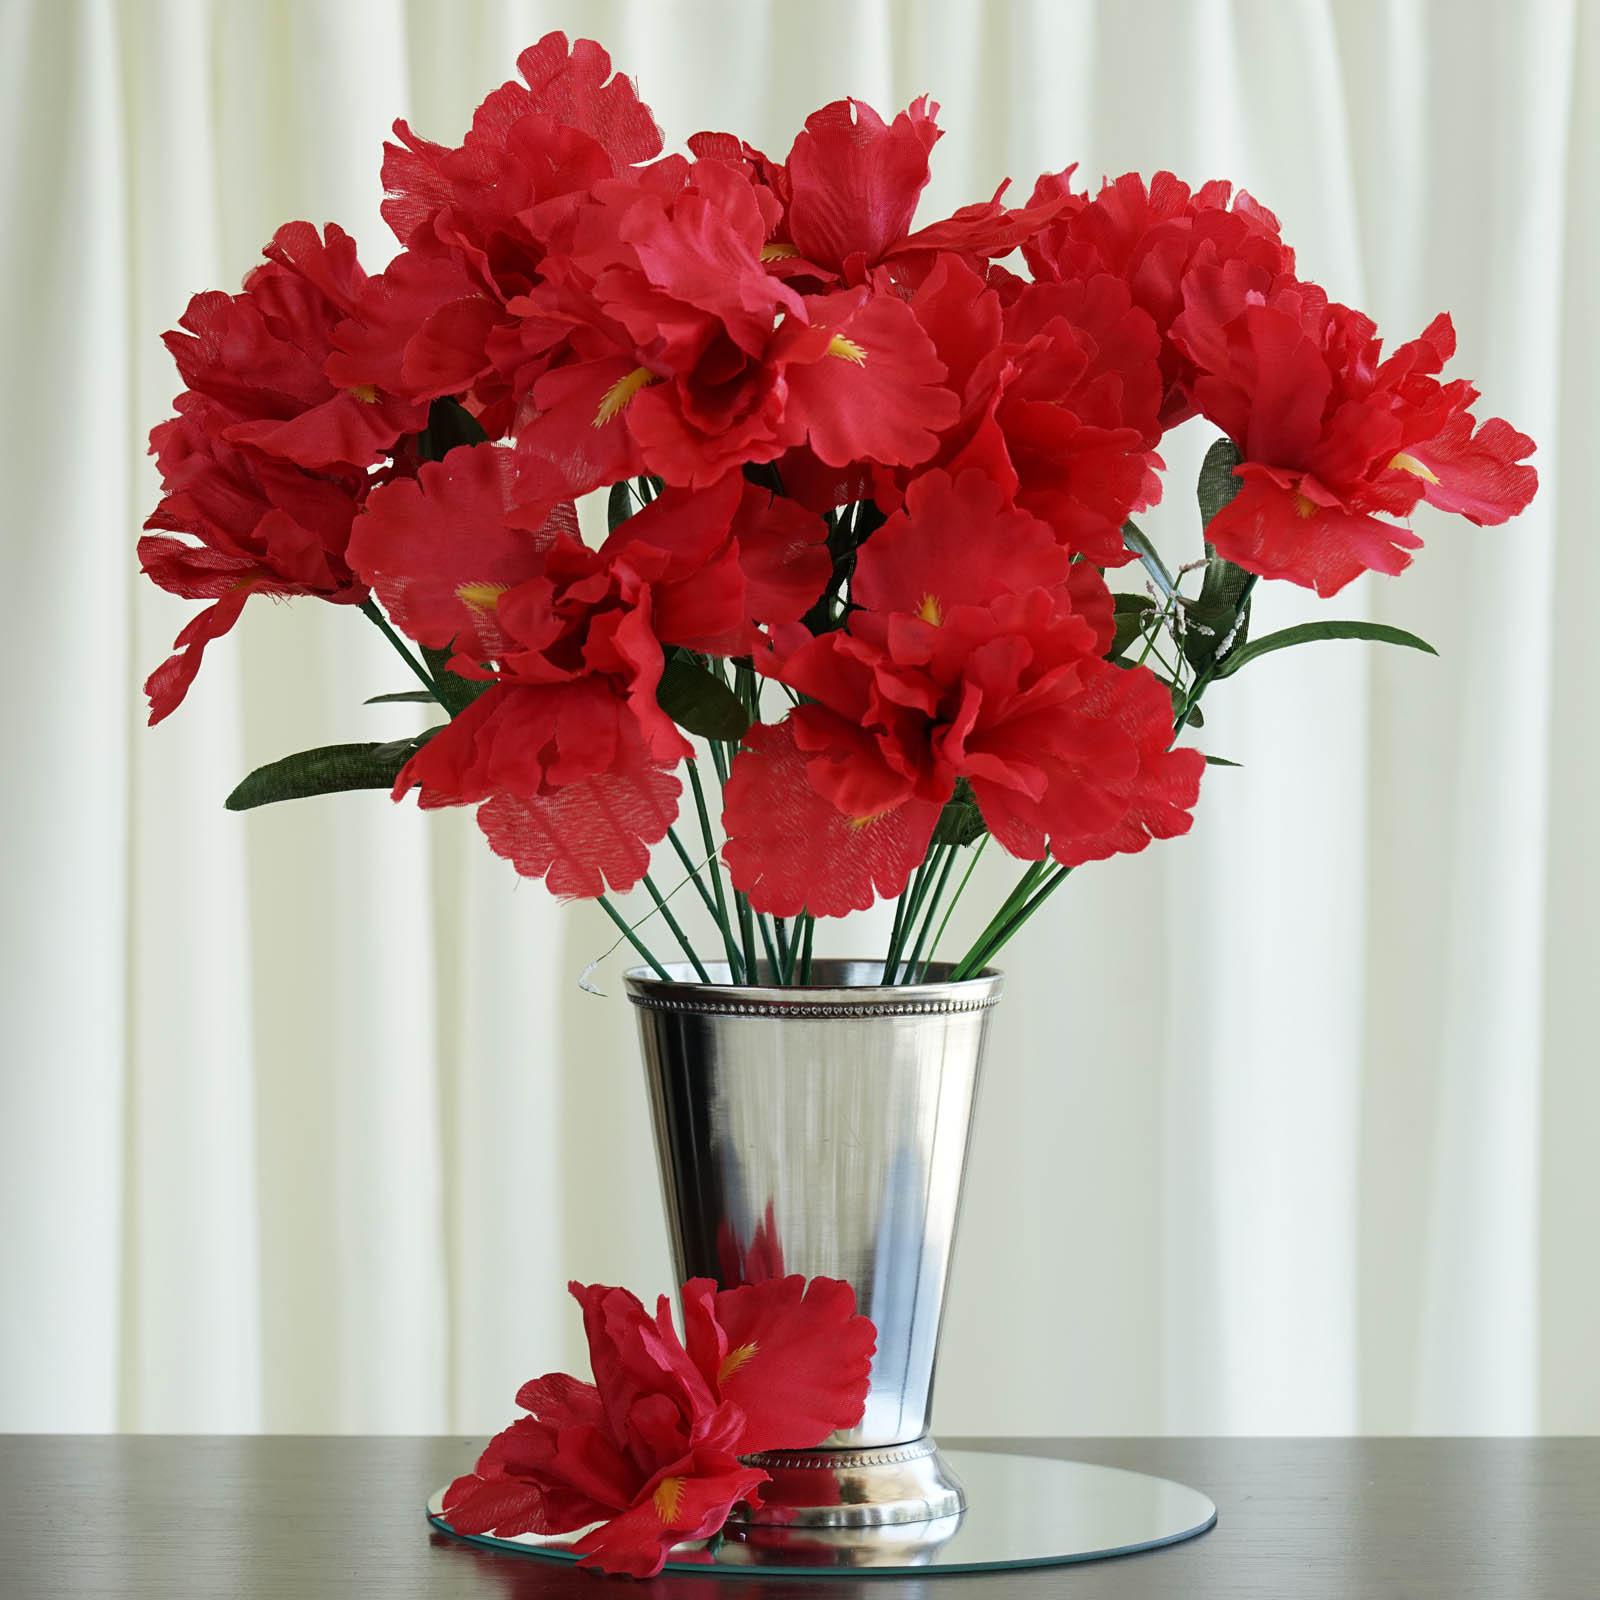 Efavormart 60 pcs Artificial IRIS Flowers for DIY Wedding Bouquet Centerpieces Arrangements Baby Shower Home Decoration - 12 bushes